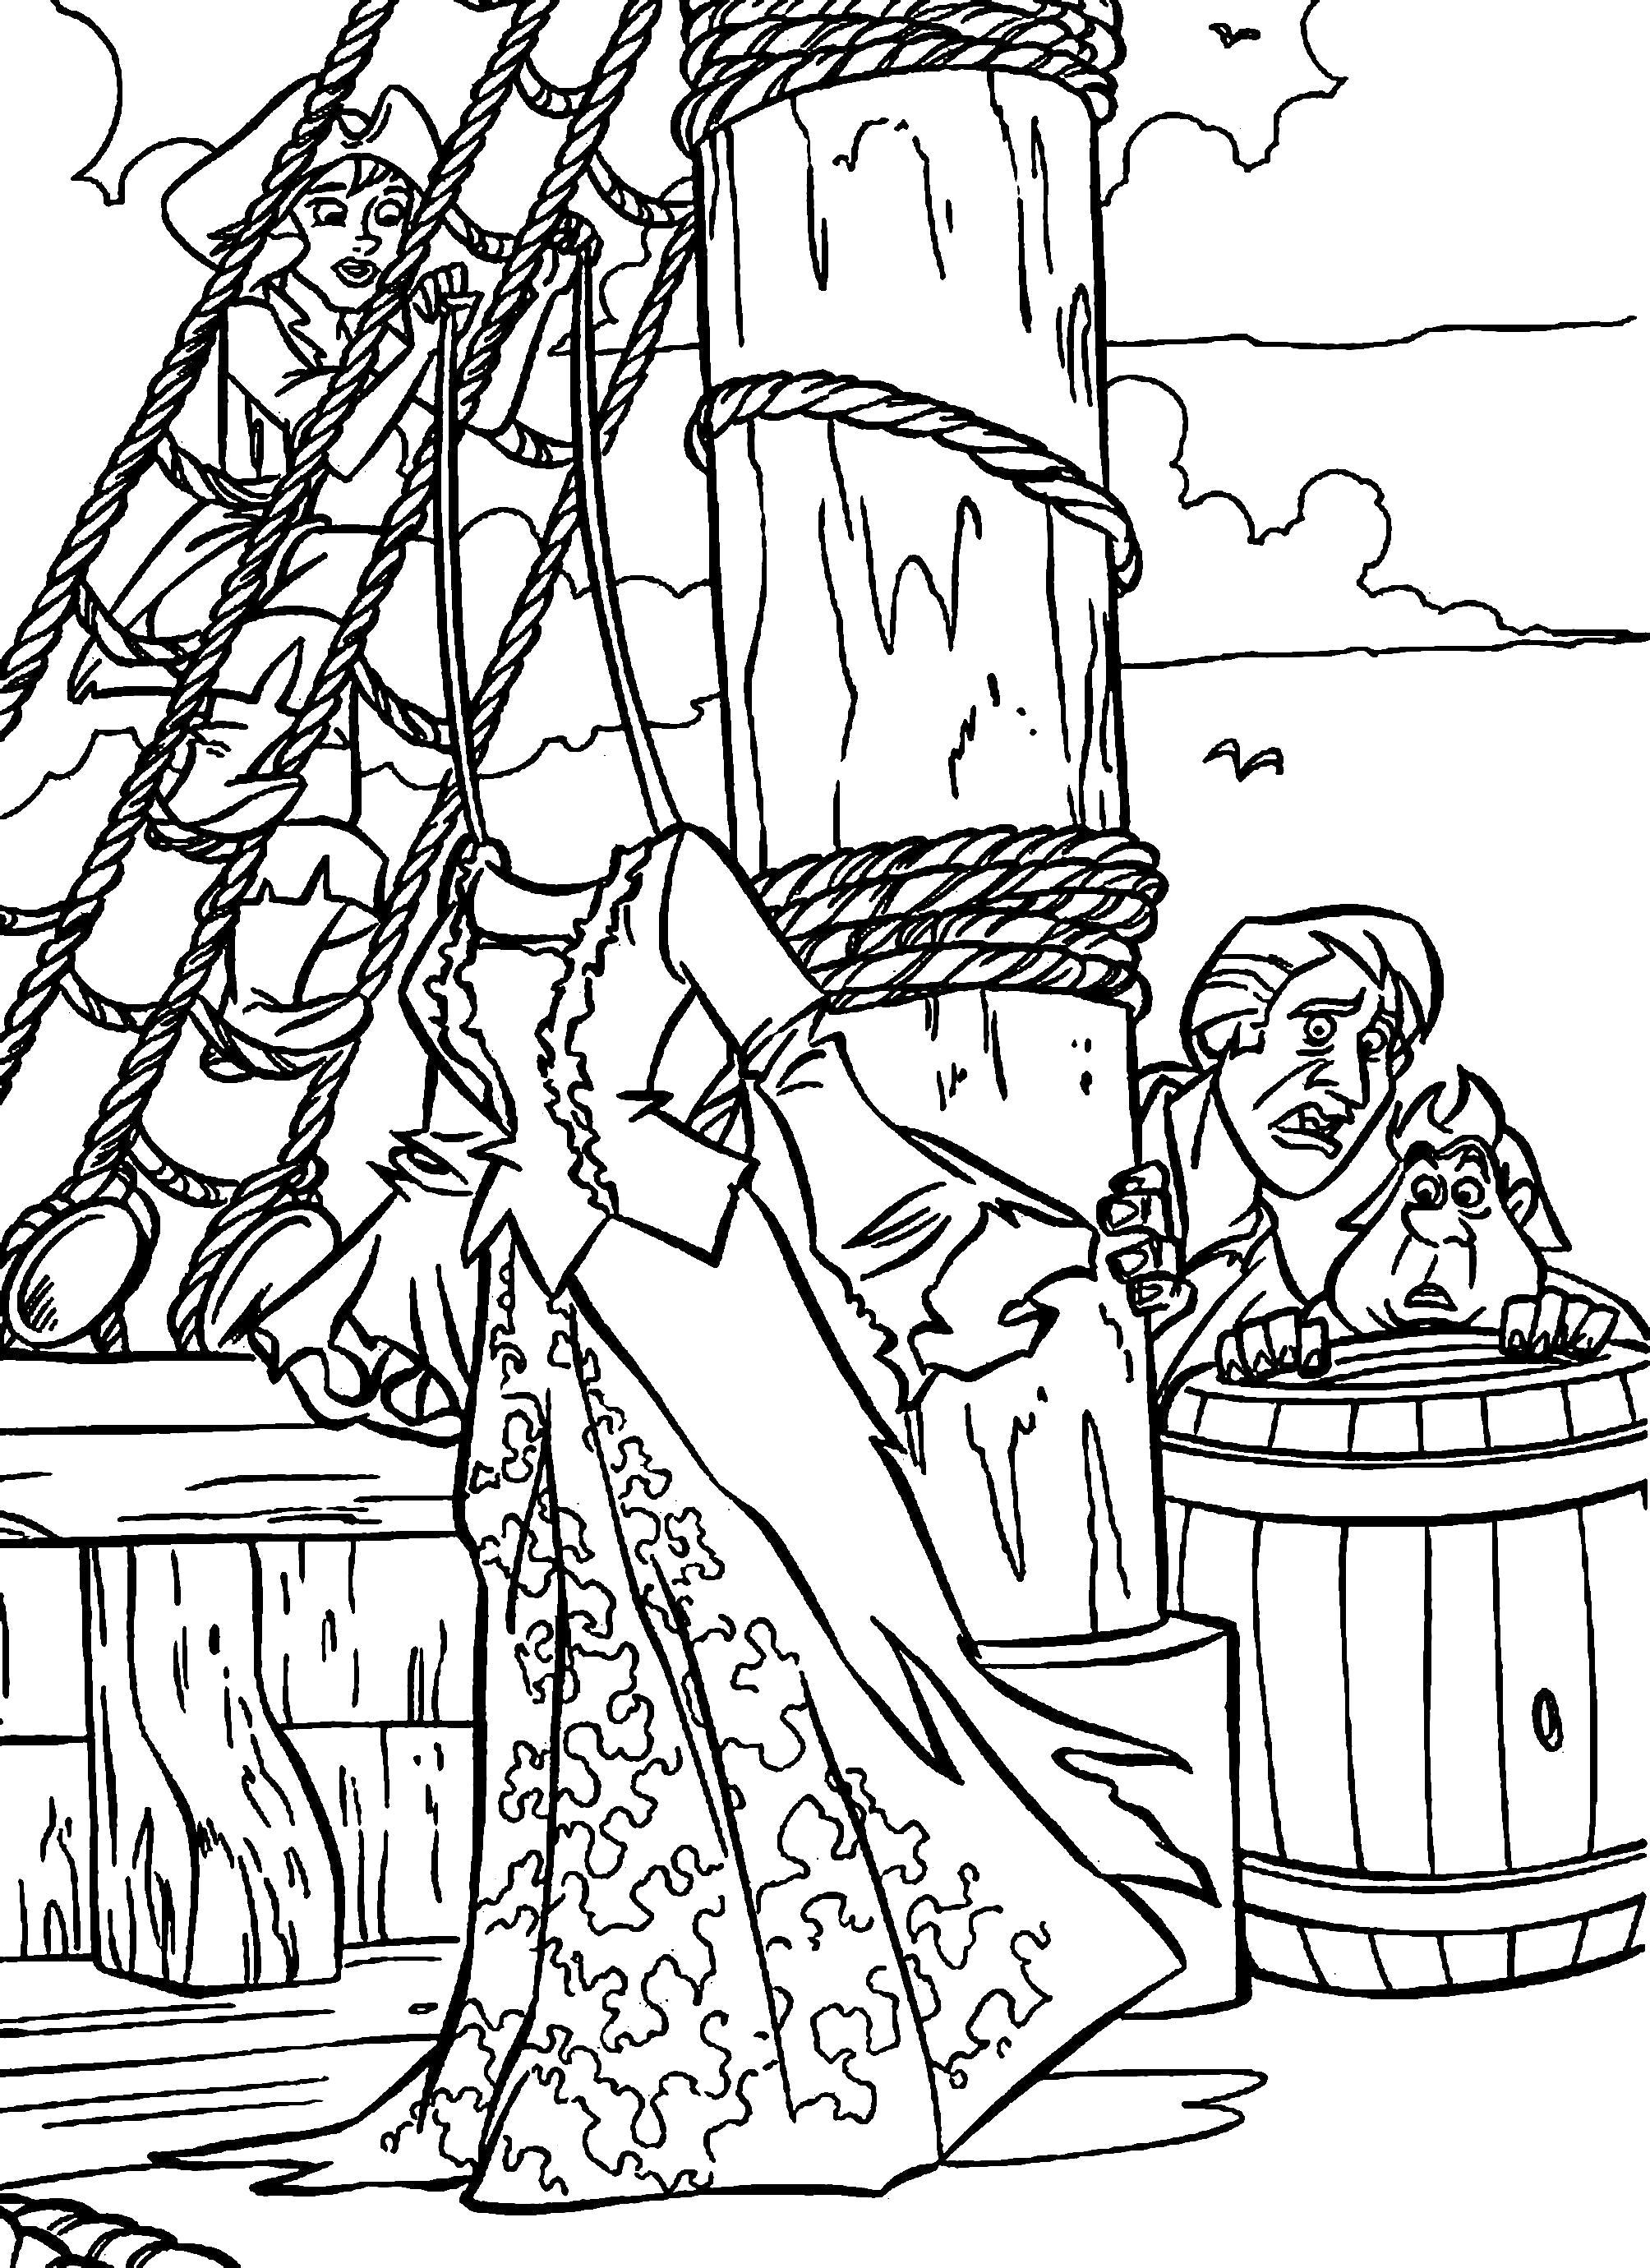 Раскраска  про пиратов. Скачать Пират.  Распечатать Пират